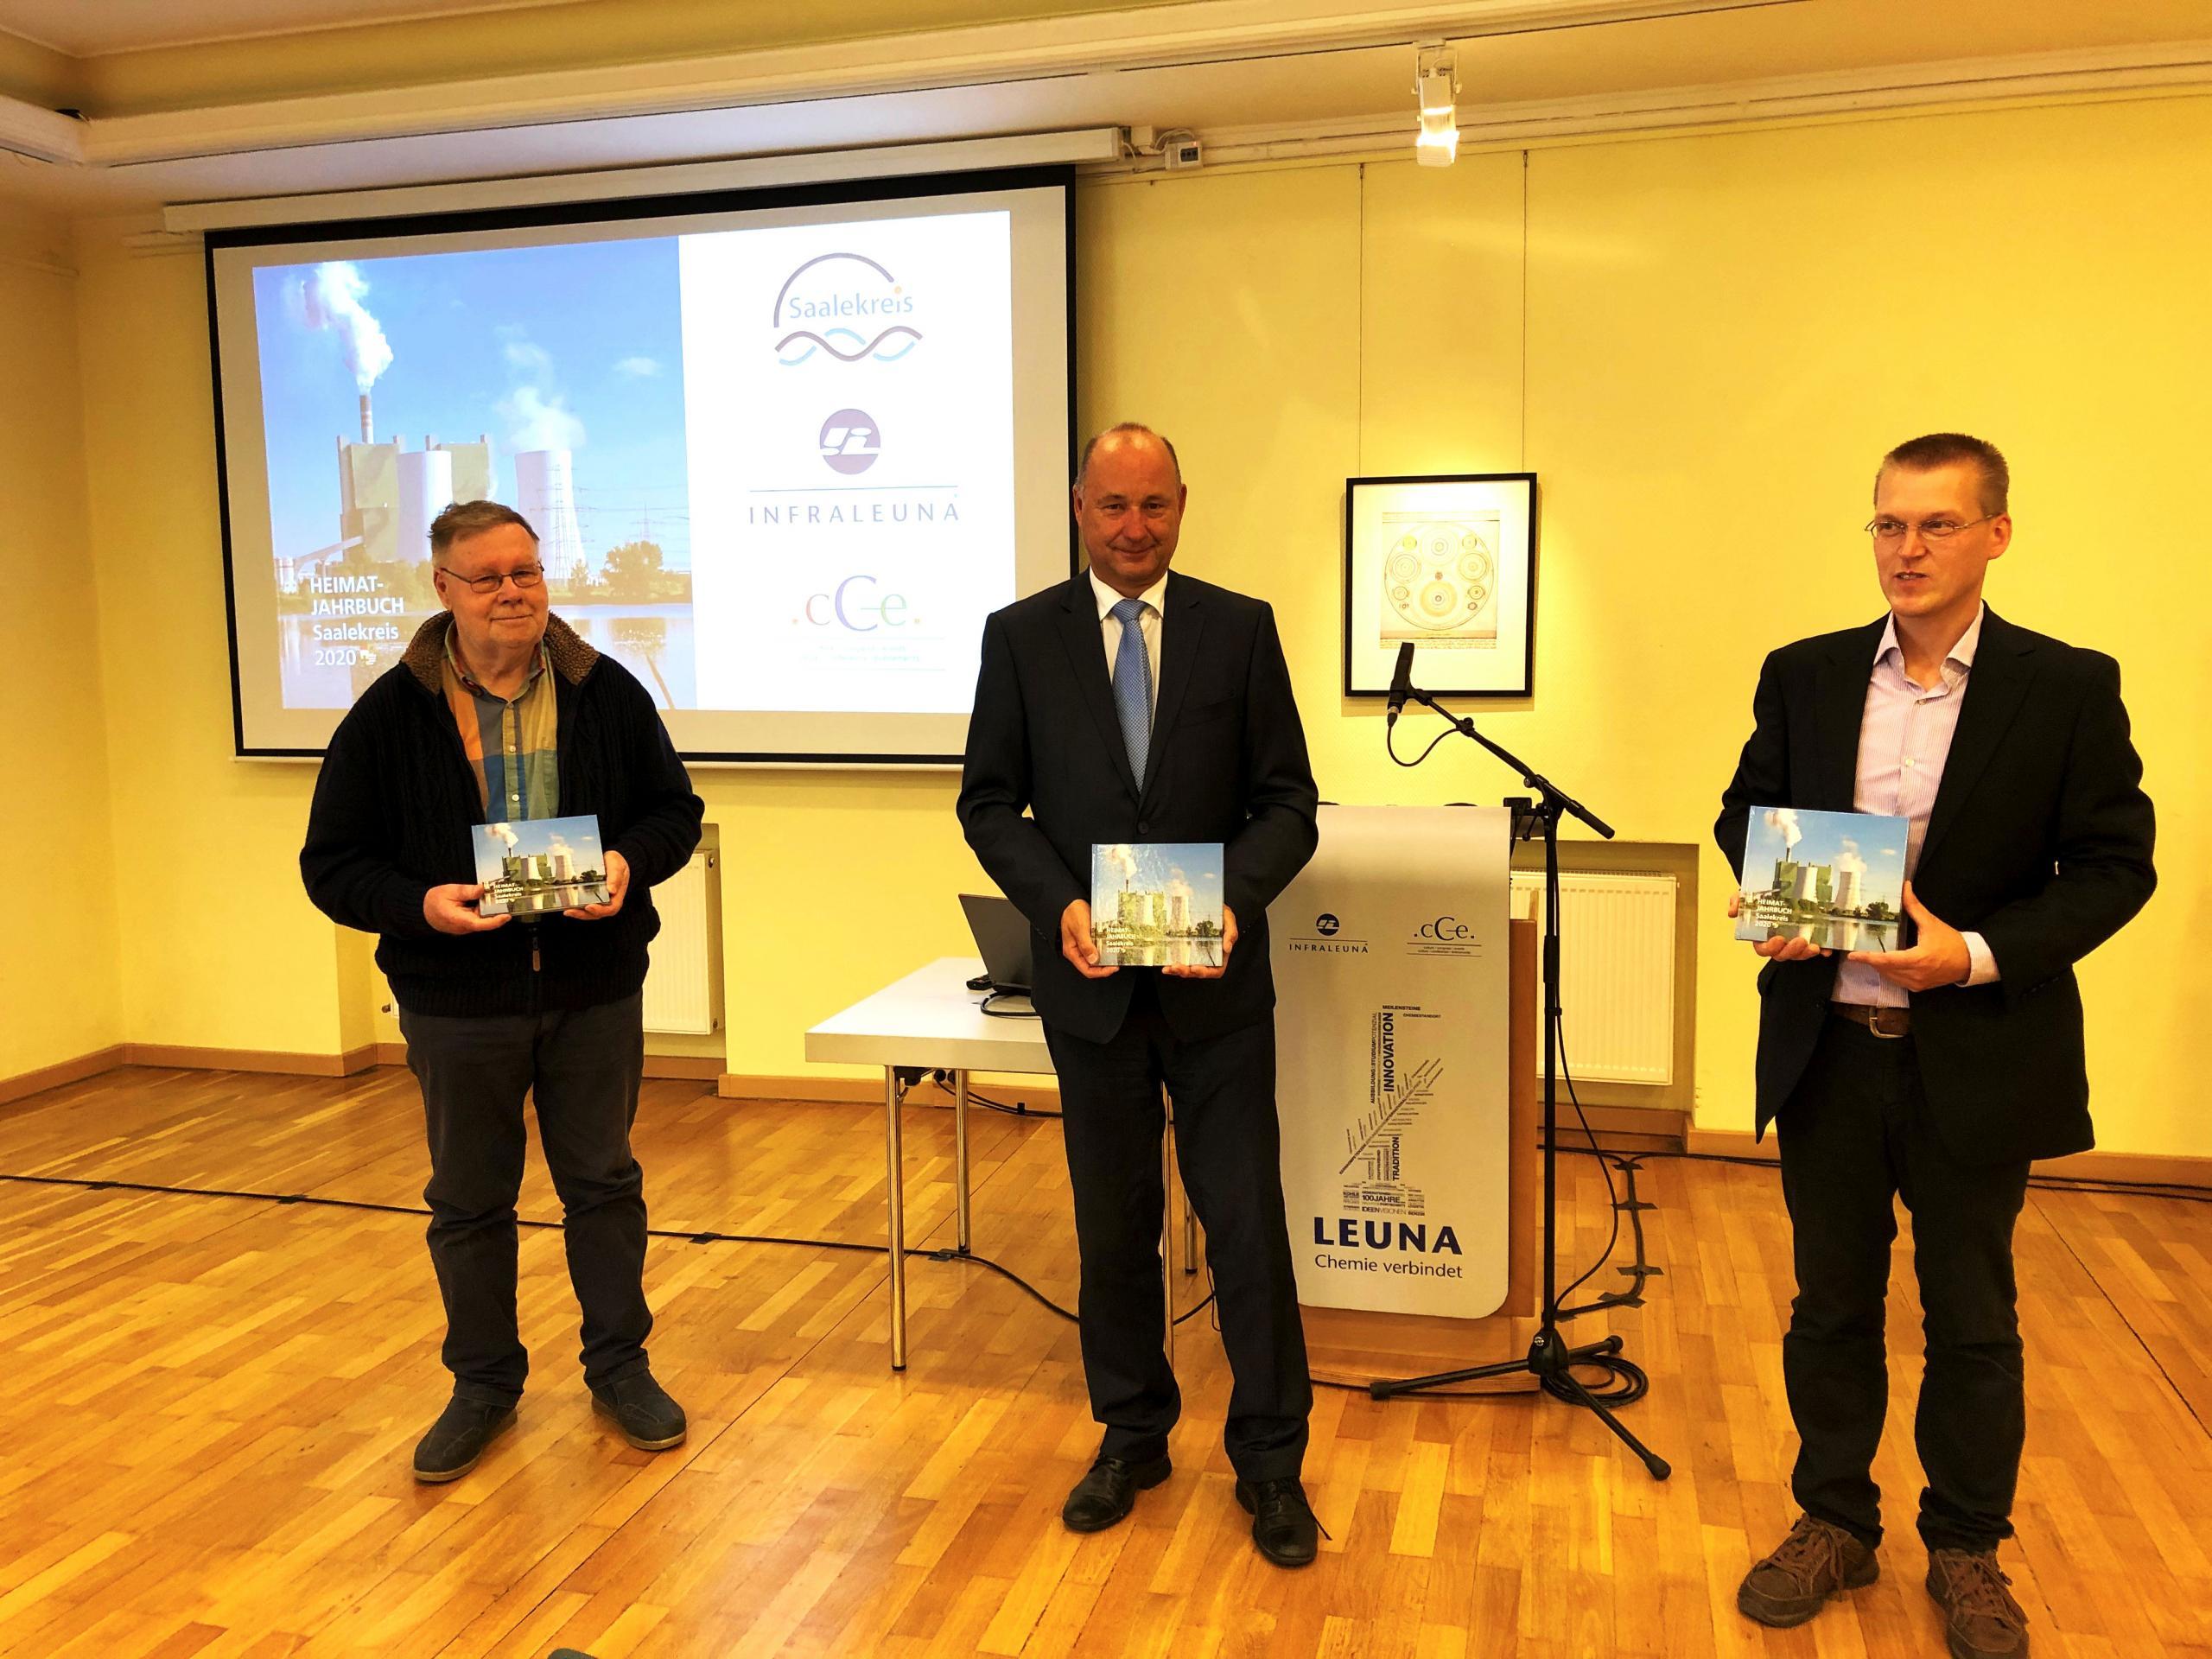 Drei Herren, in der Mitte Landrat Hartmut Handschak, halten das Jahrbuch in den Händen und schauen in die Kamera. ©Landkreis Saalekreis